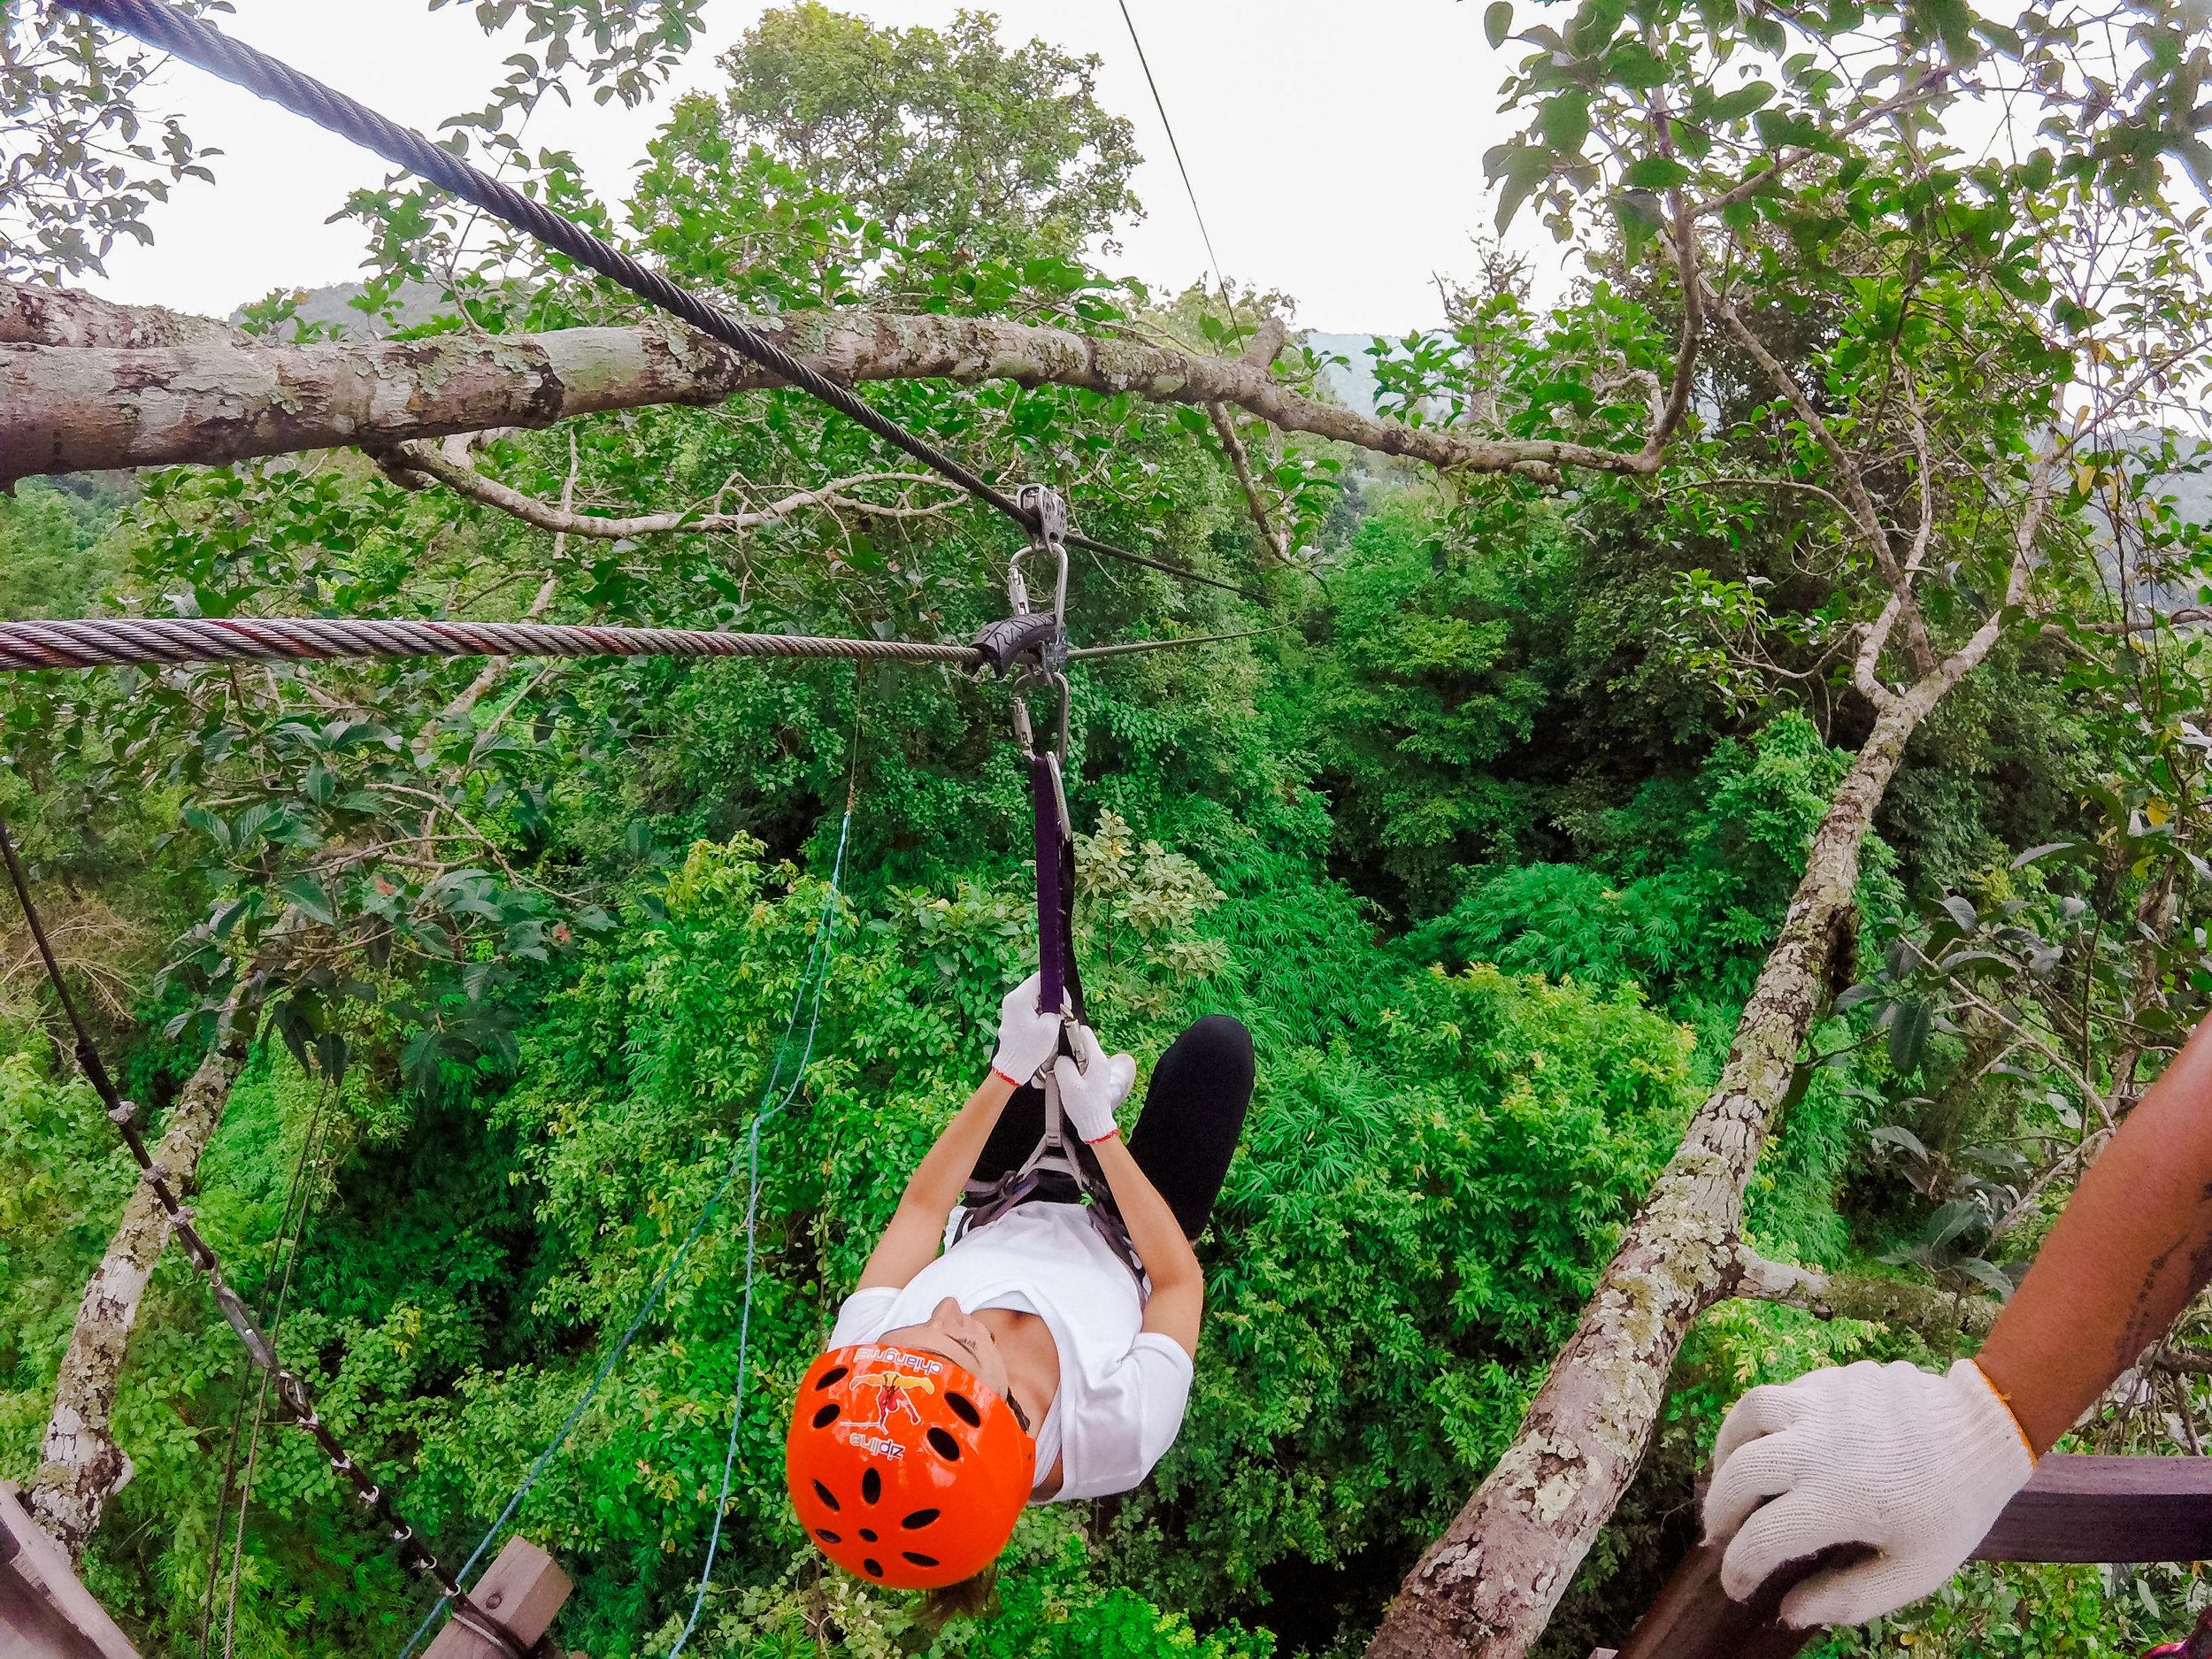 Ziplining in Thailand